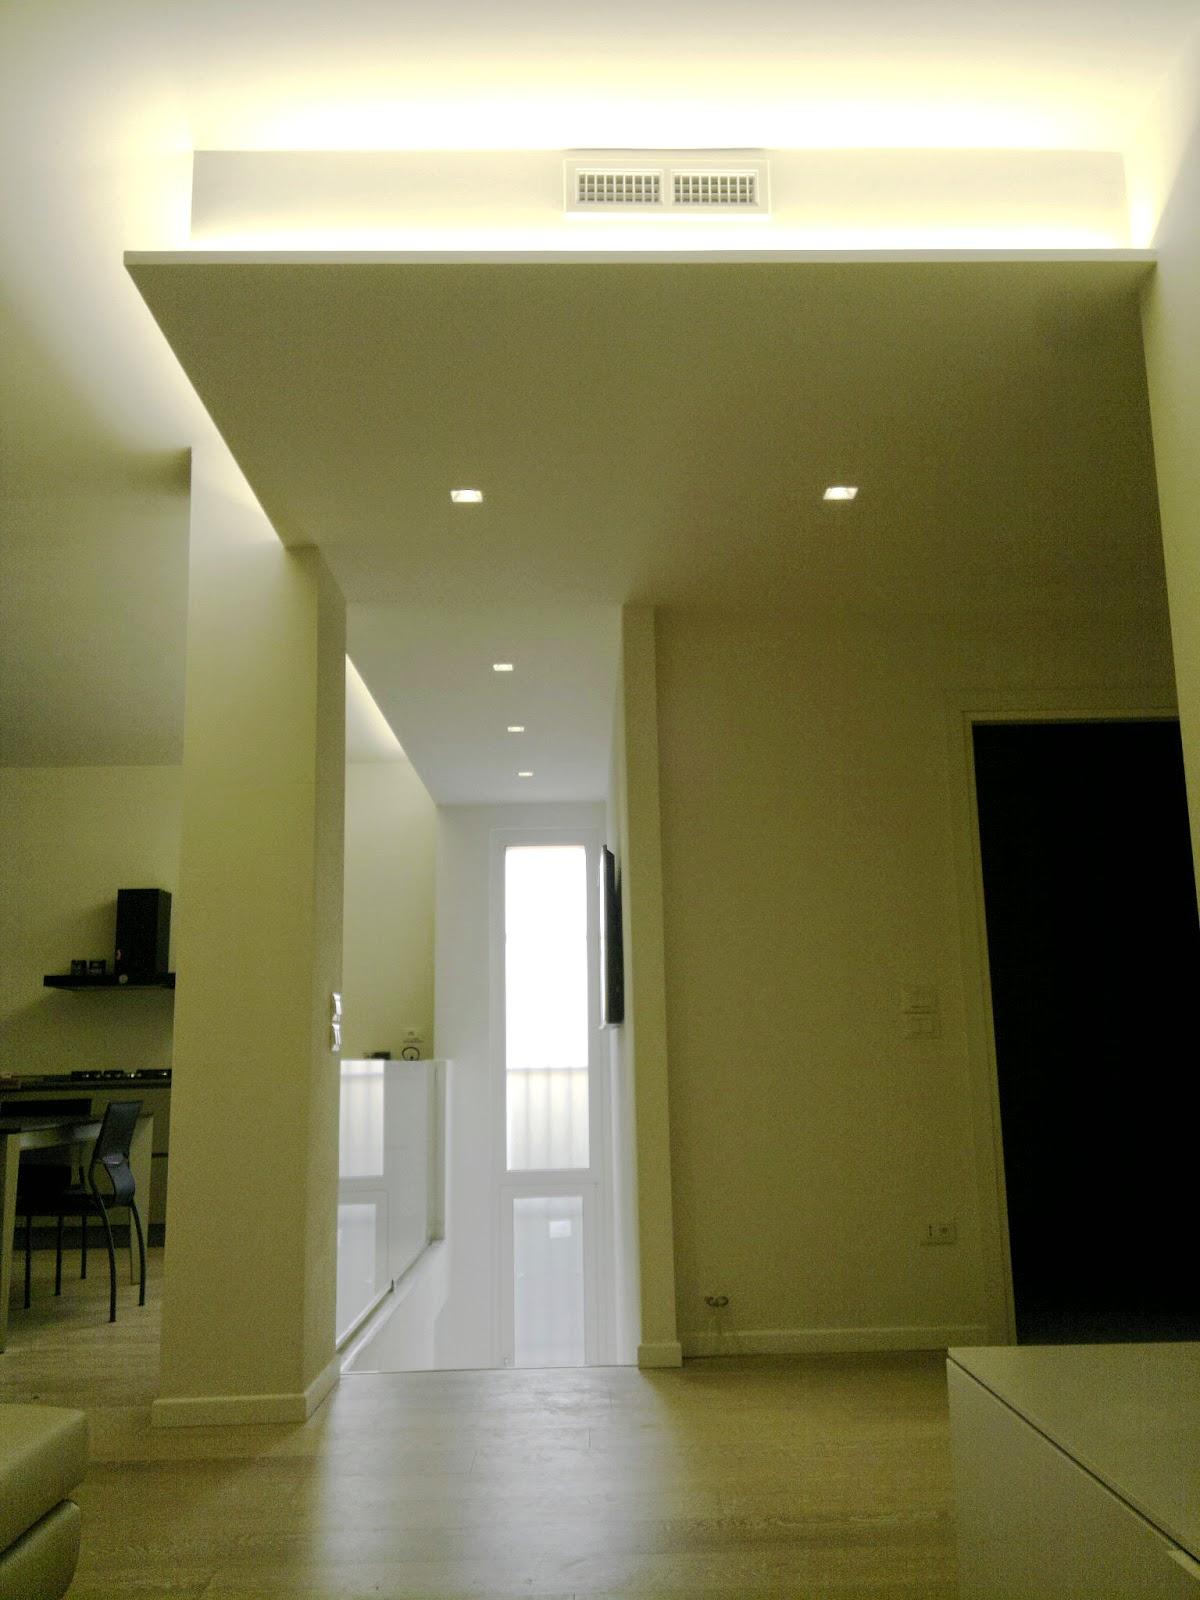 Illuminazione led casa aprile 2015 for Illuminazione con faretti a led